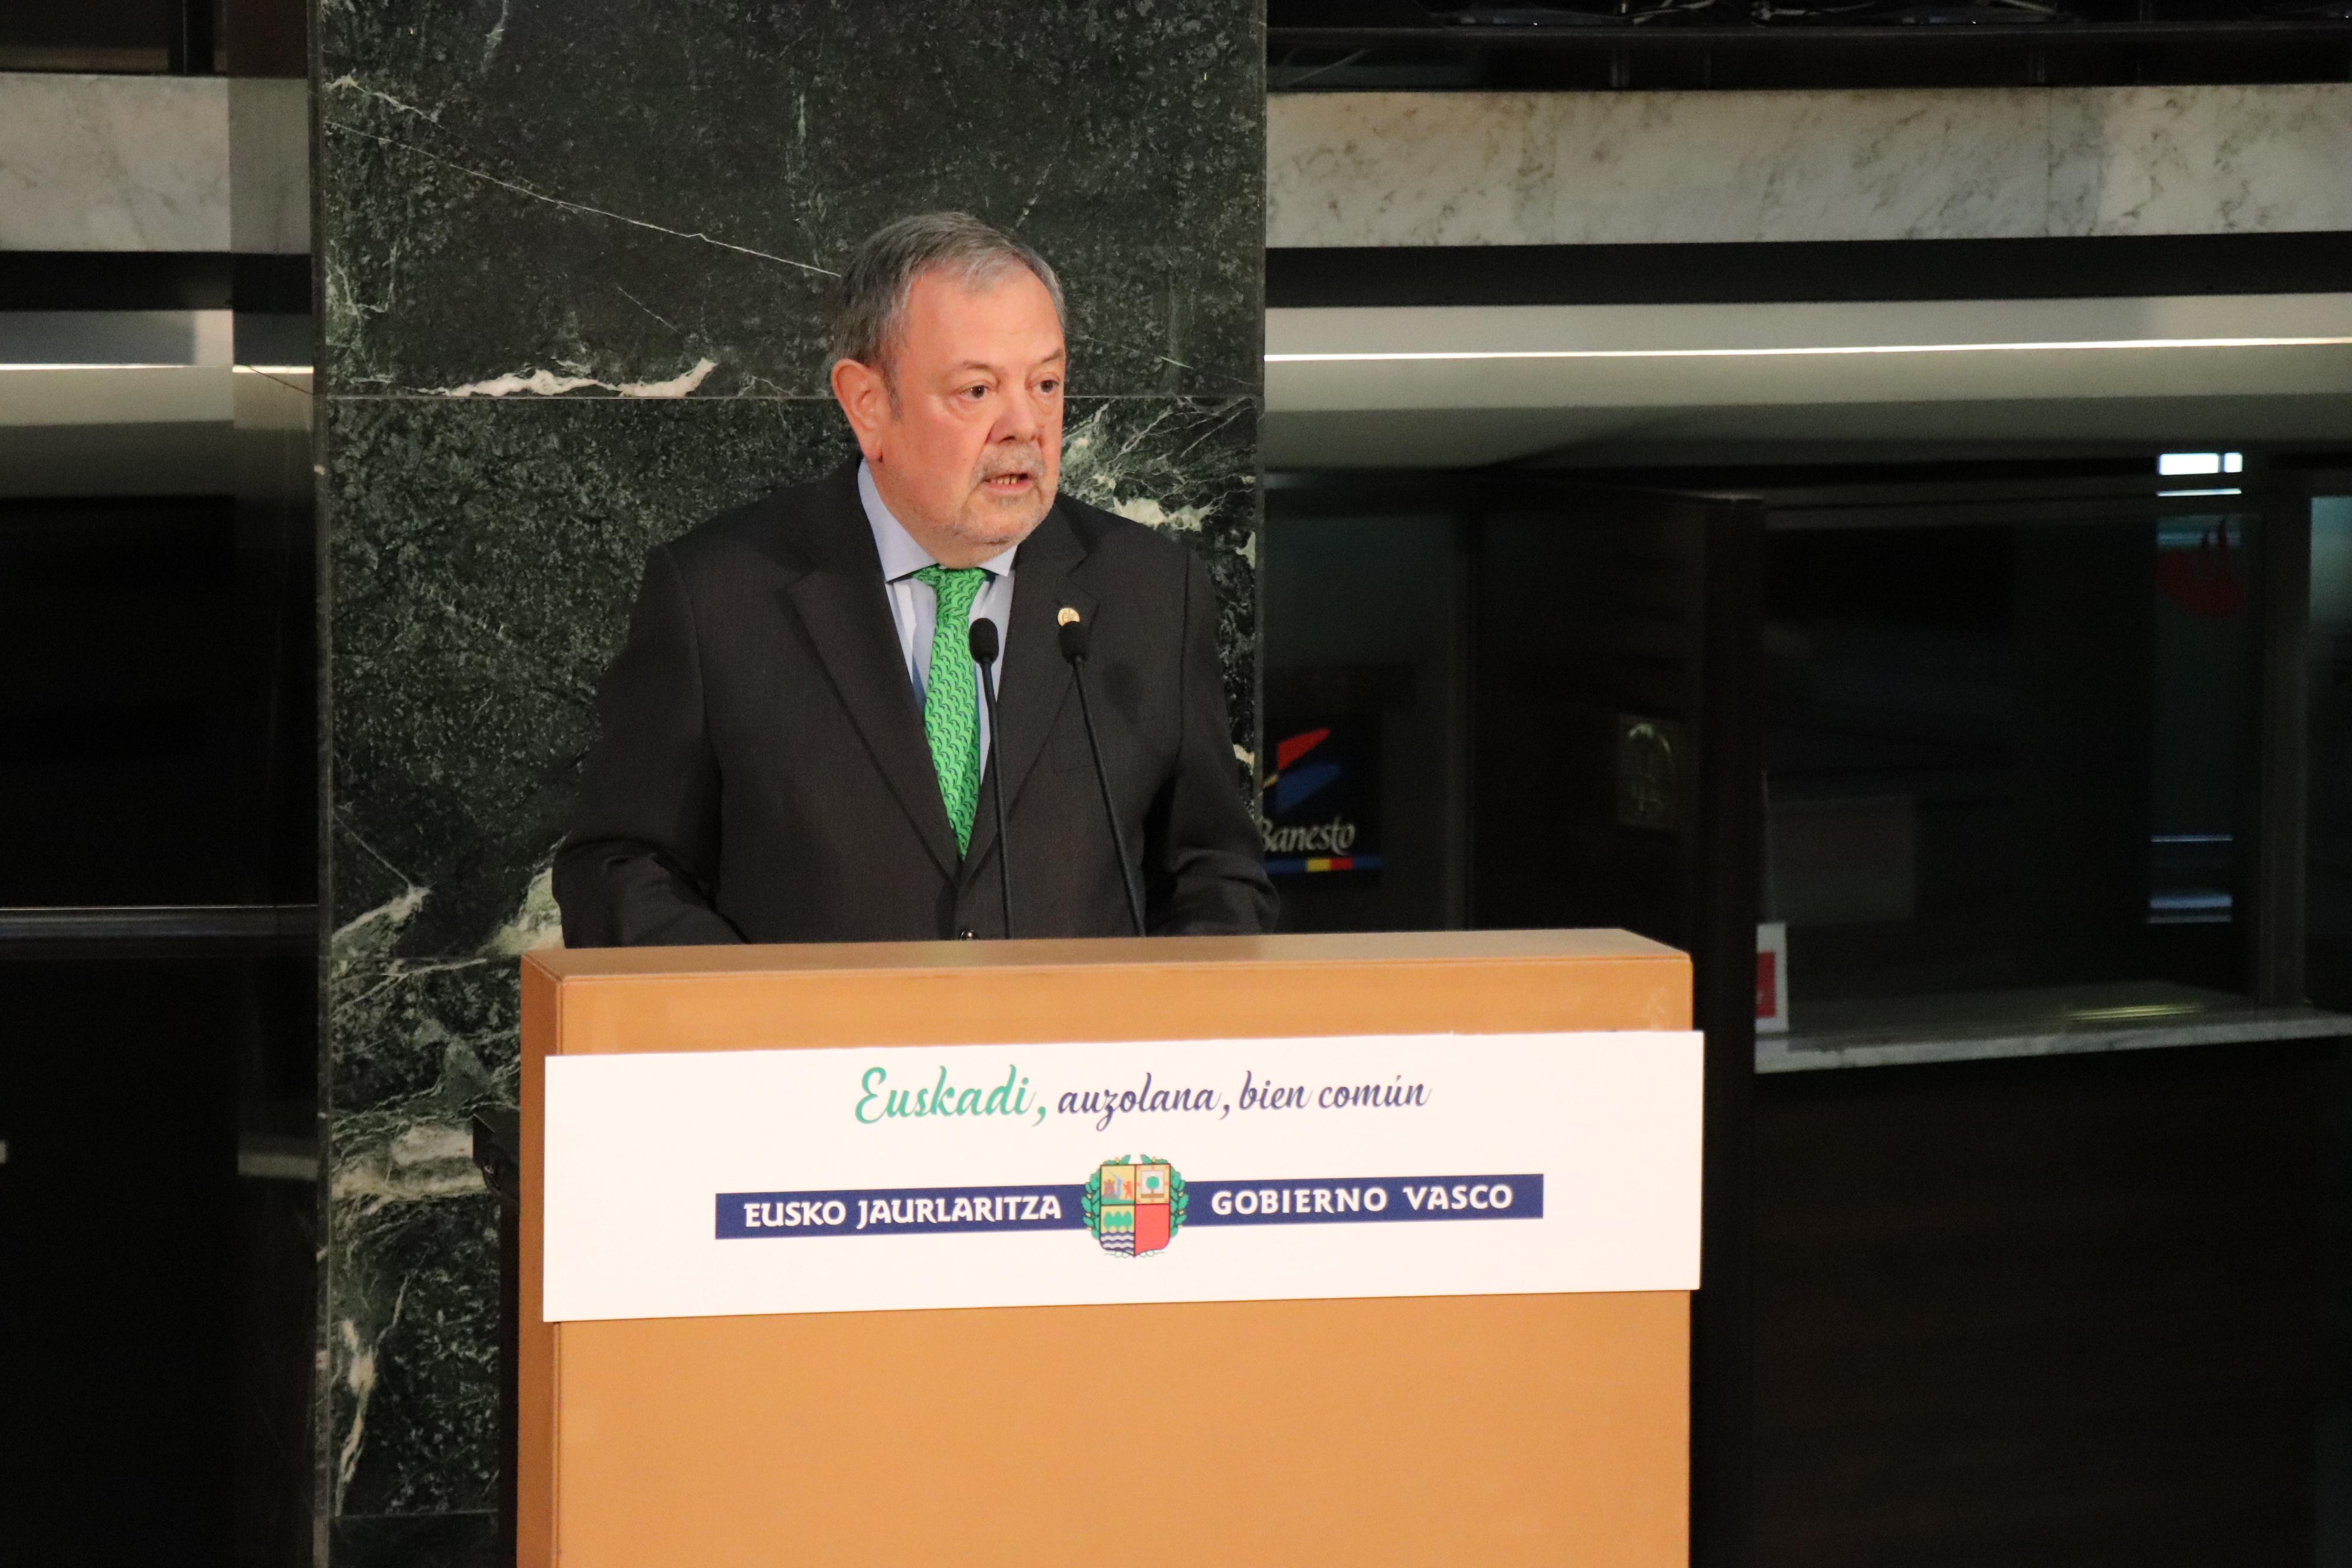 Oferta final del Gobierno Vasco a EH-BILDU sobre los Presupuestos 2019